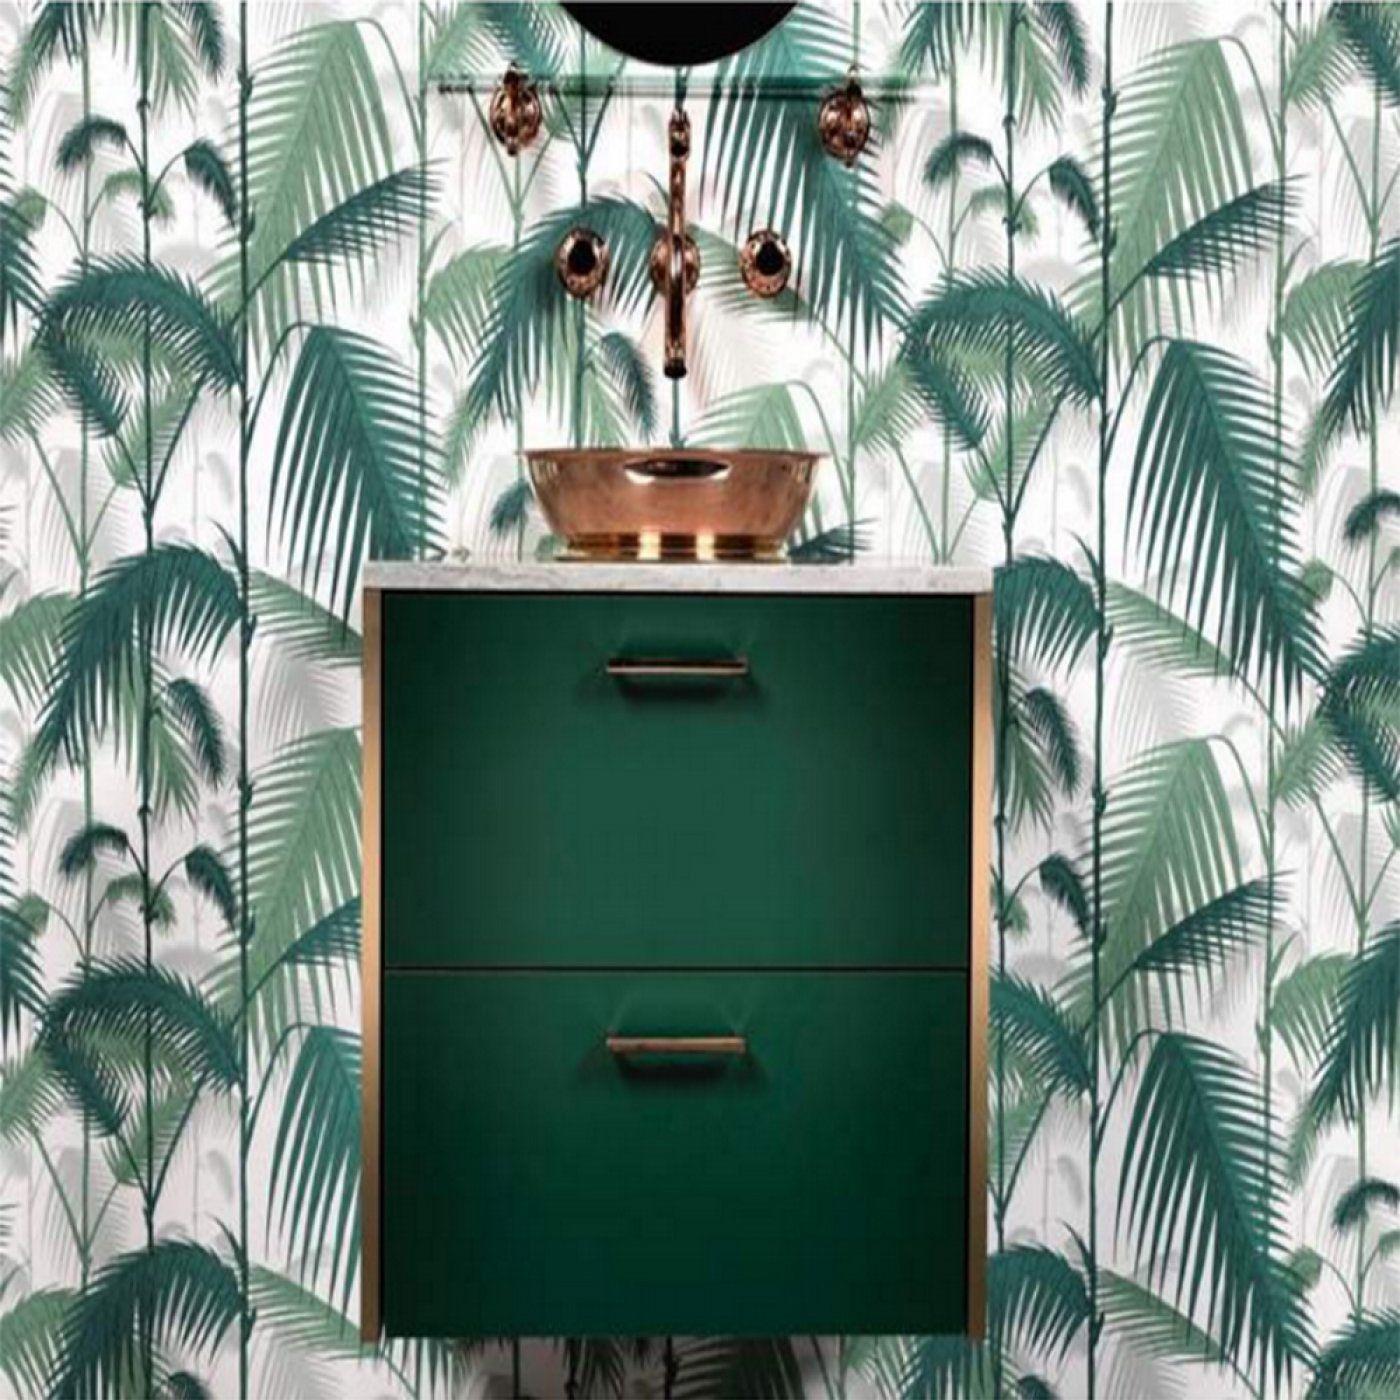 Ikea Le Papier choisir un papier peint de salle de bains tous nos conseils